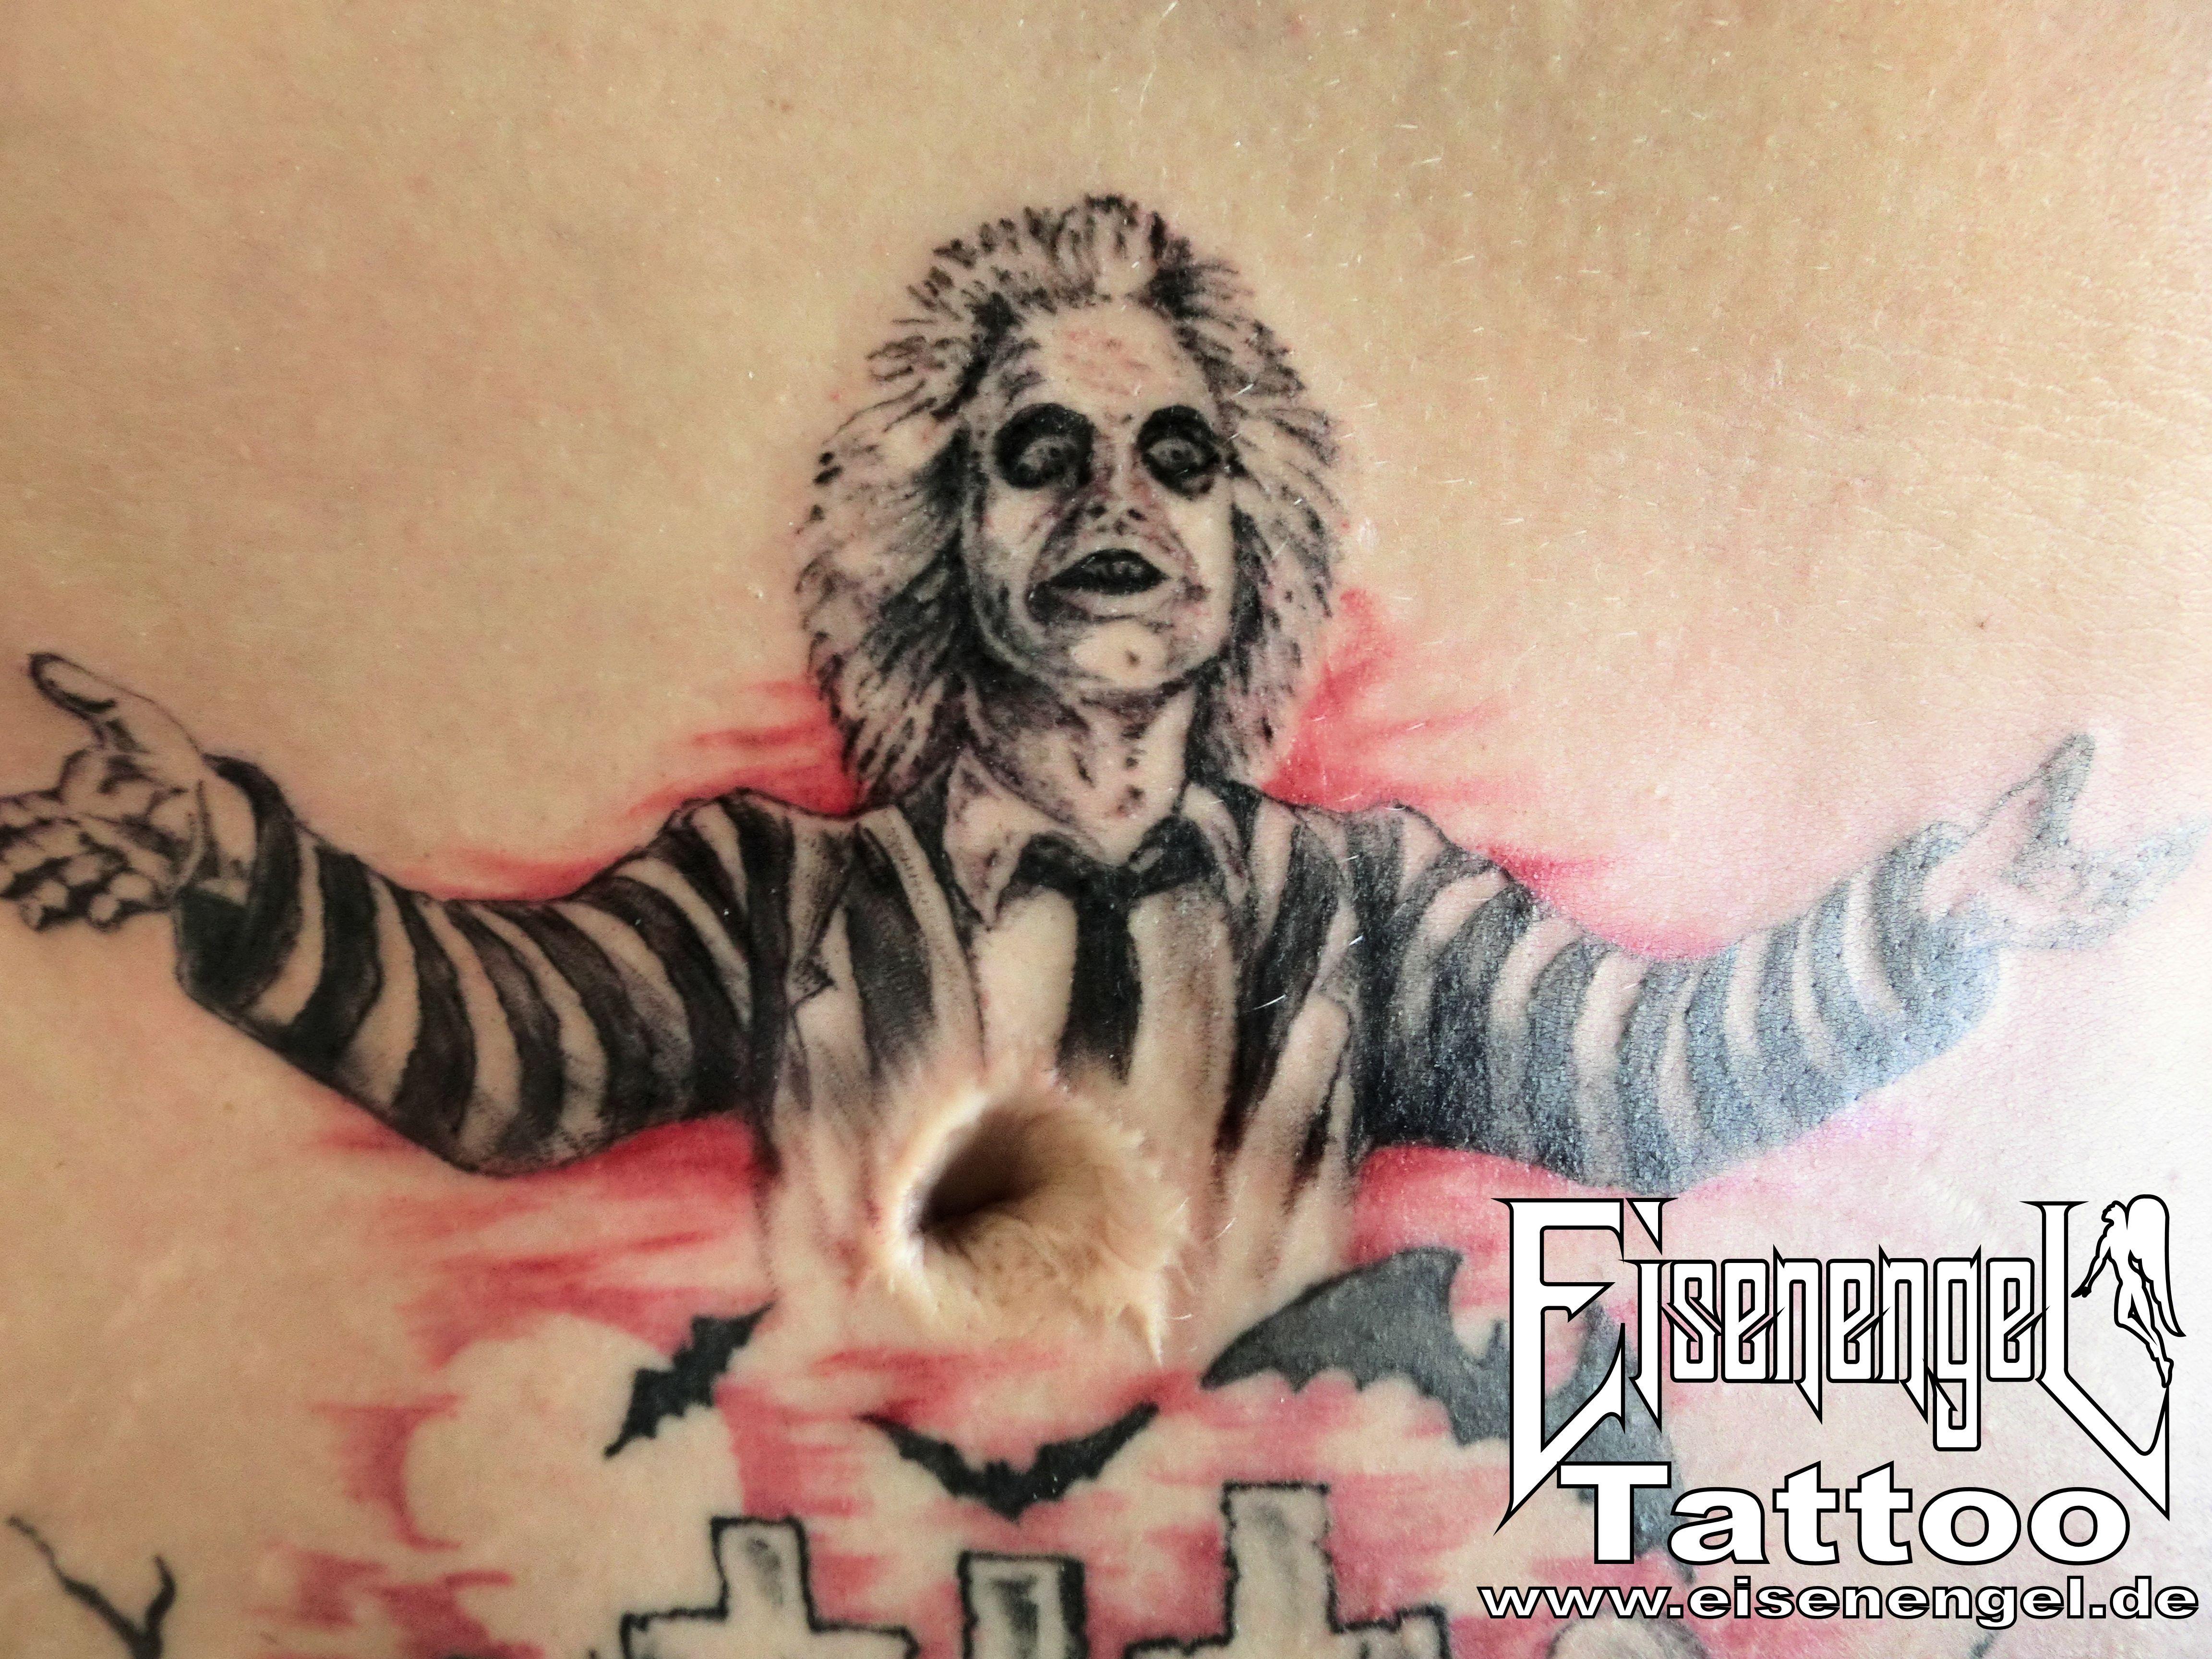 tattoo_Beetlejuice.jpg